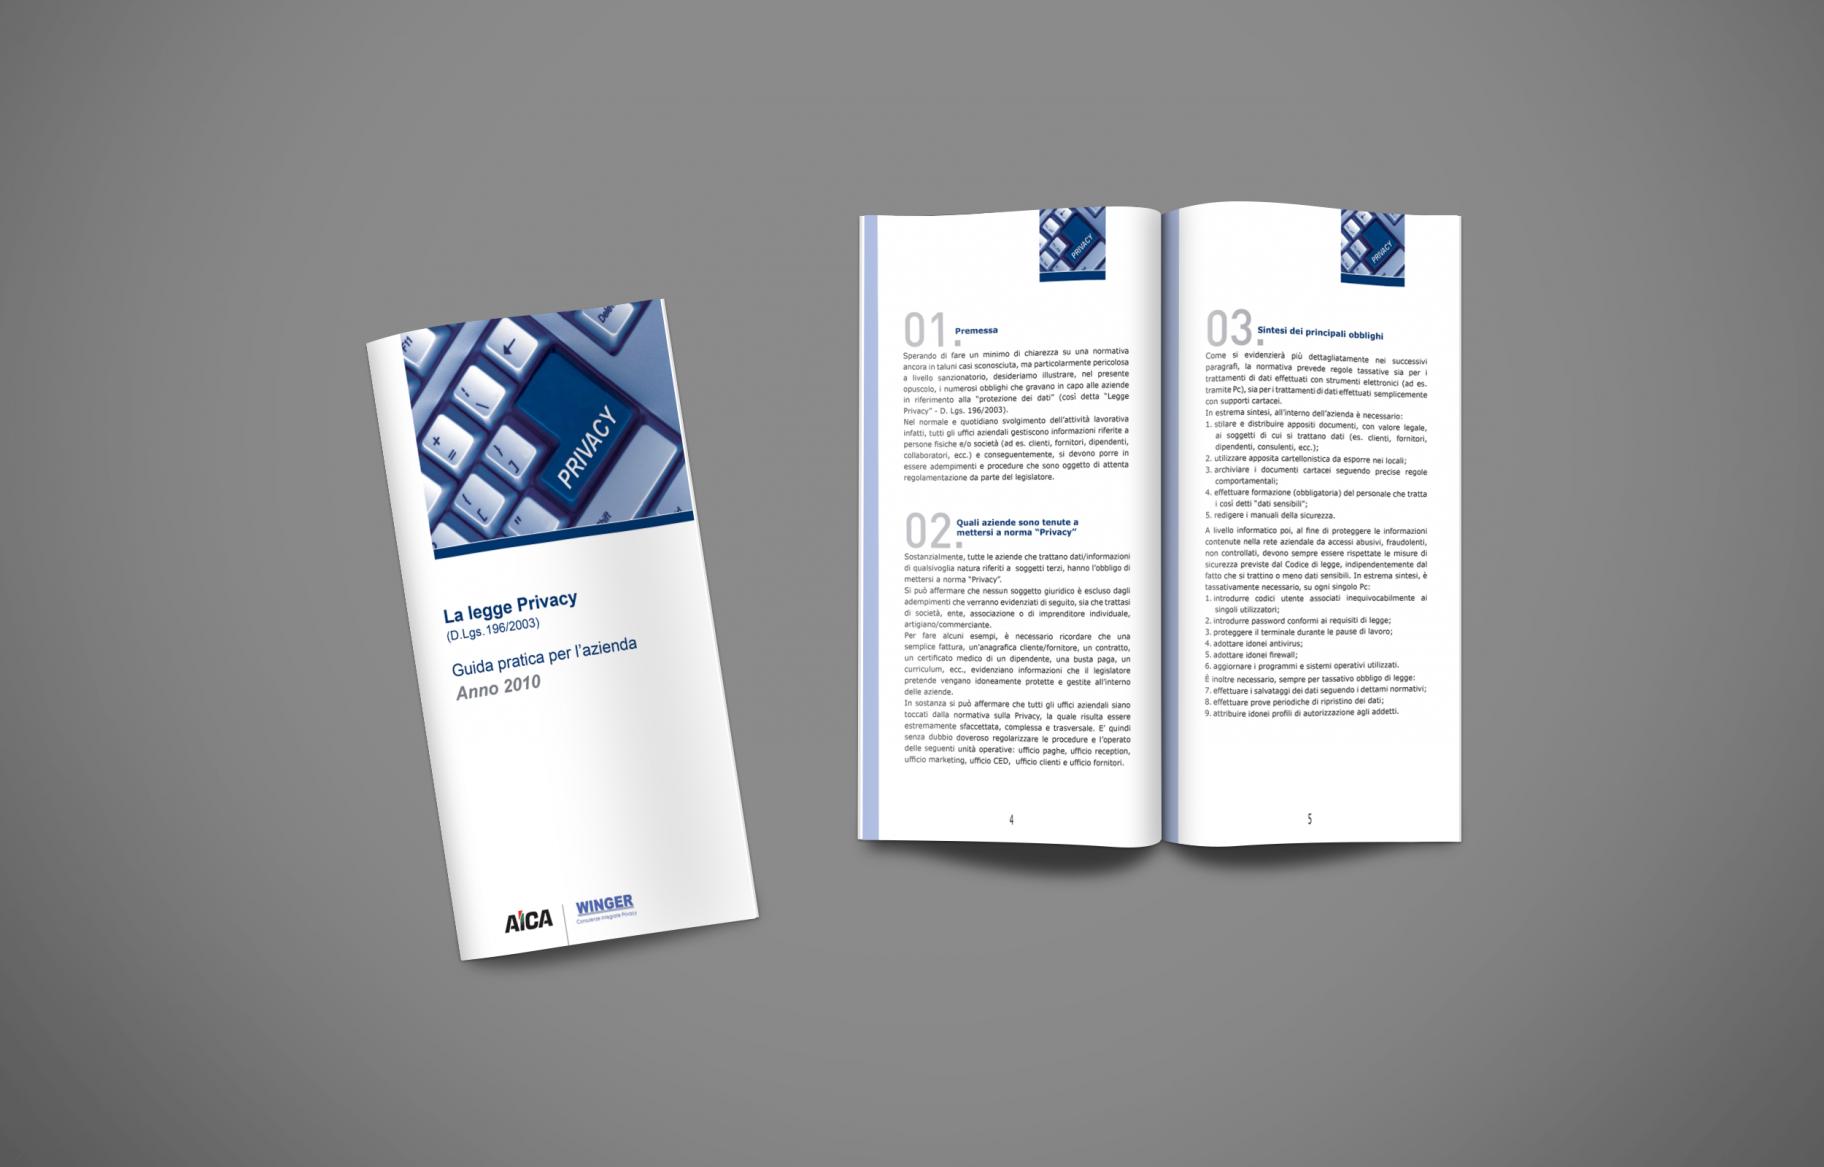 AICA-La Legge PRIVACY-Brochure